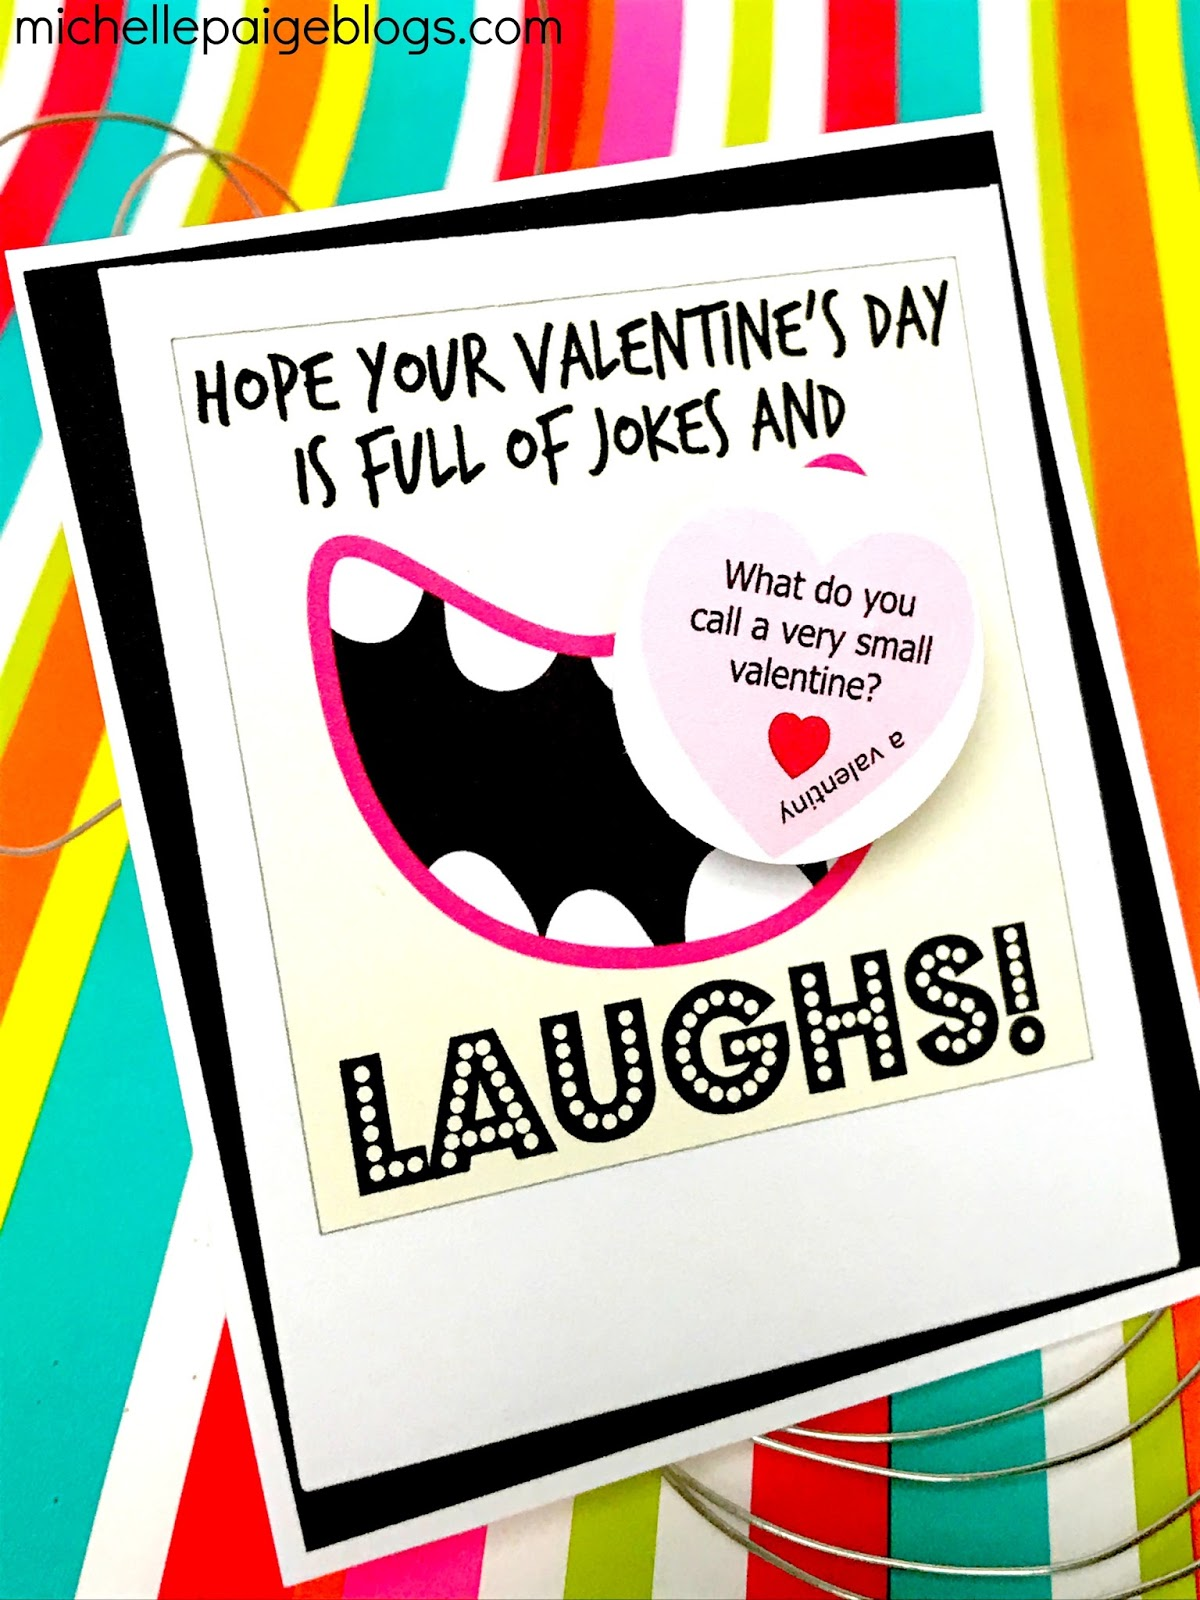 Michelle Paige Blogs Printable Joke Laugh Valentines